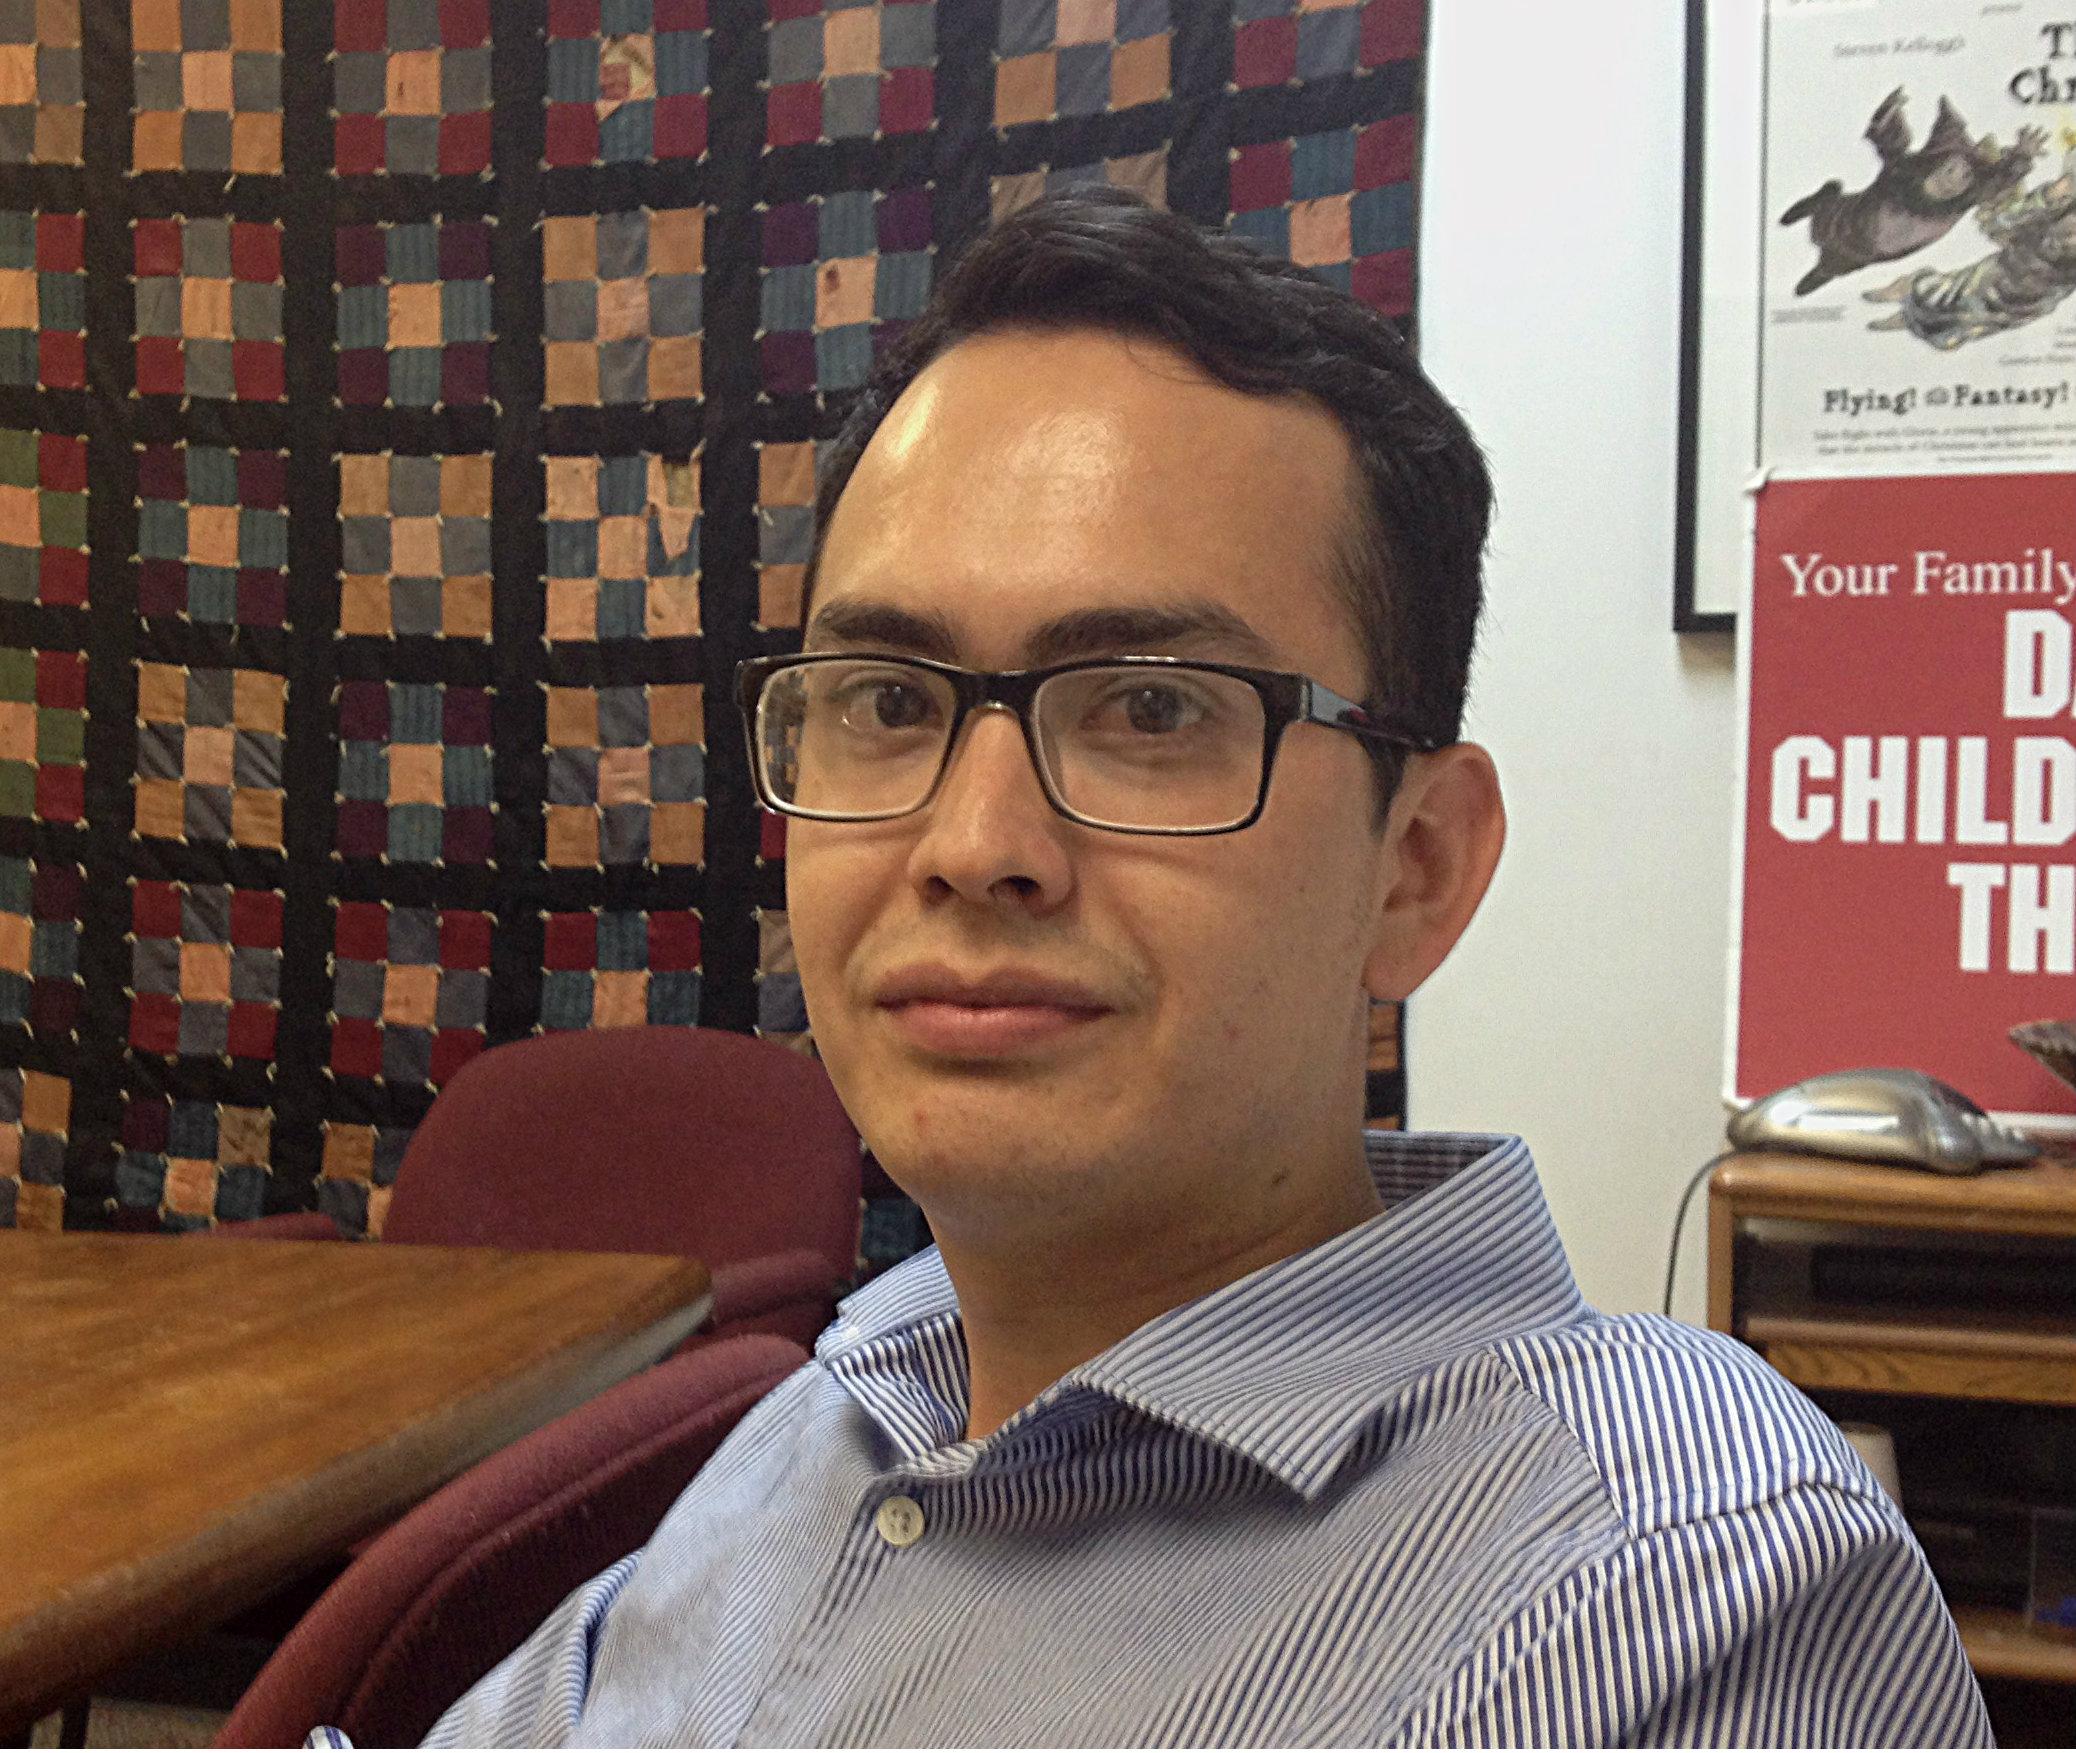 Jose Manuel Santoyo